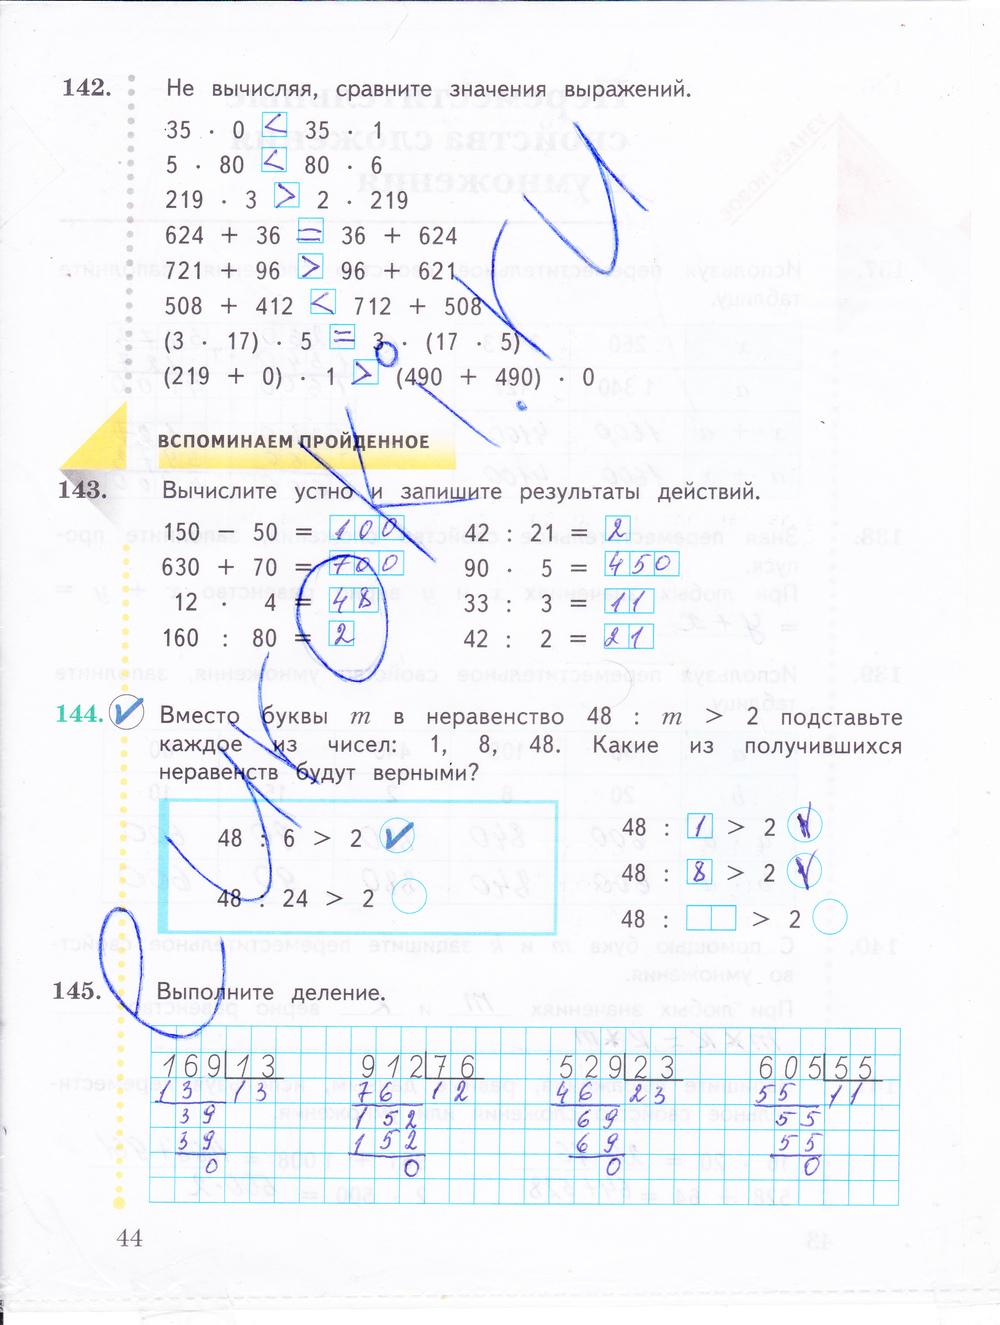 Рабочая Тетрадь По Математике 4 Класс Рудницкая 2 Часть Ответы Решебник